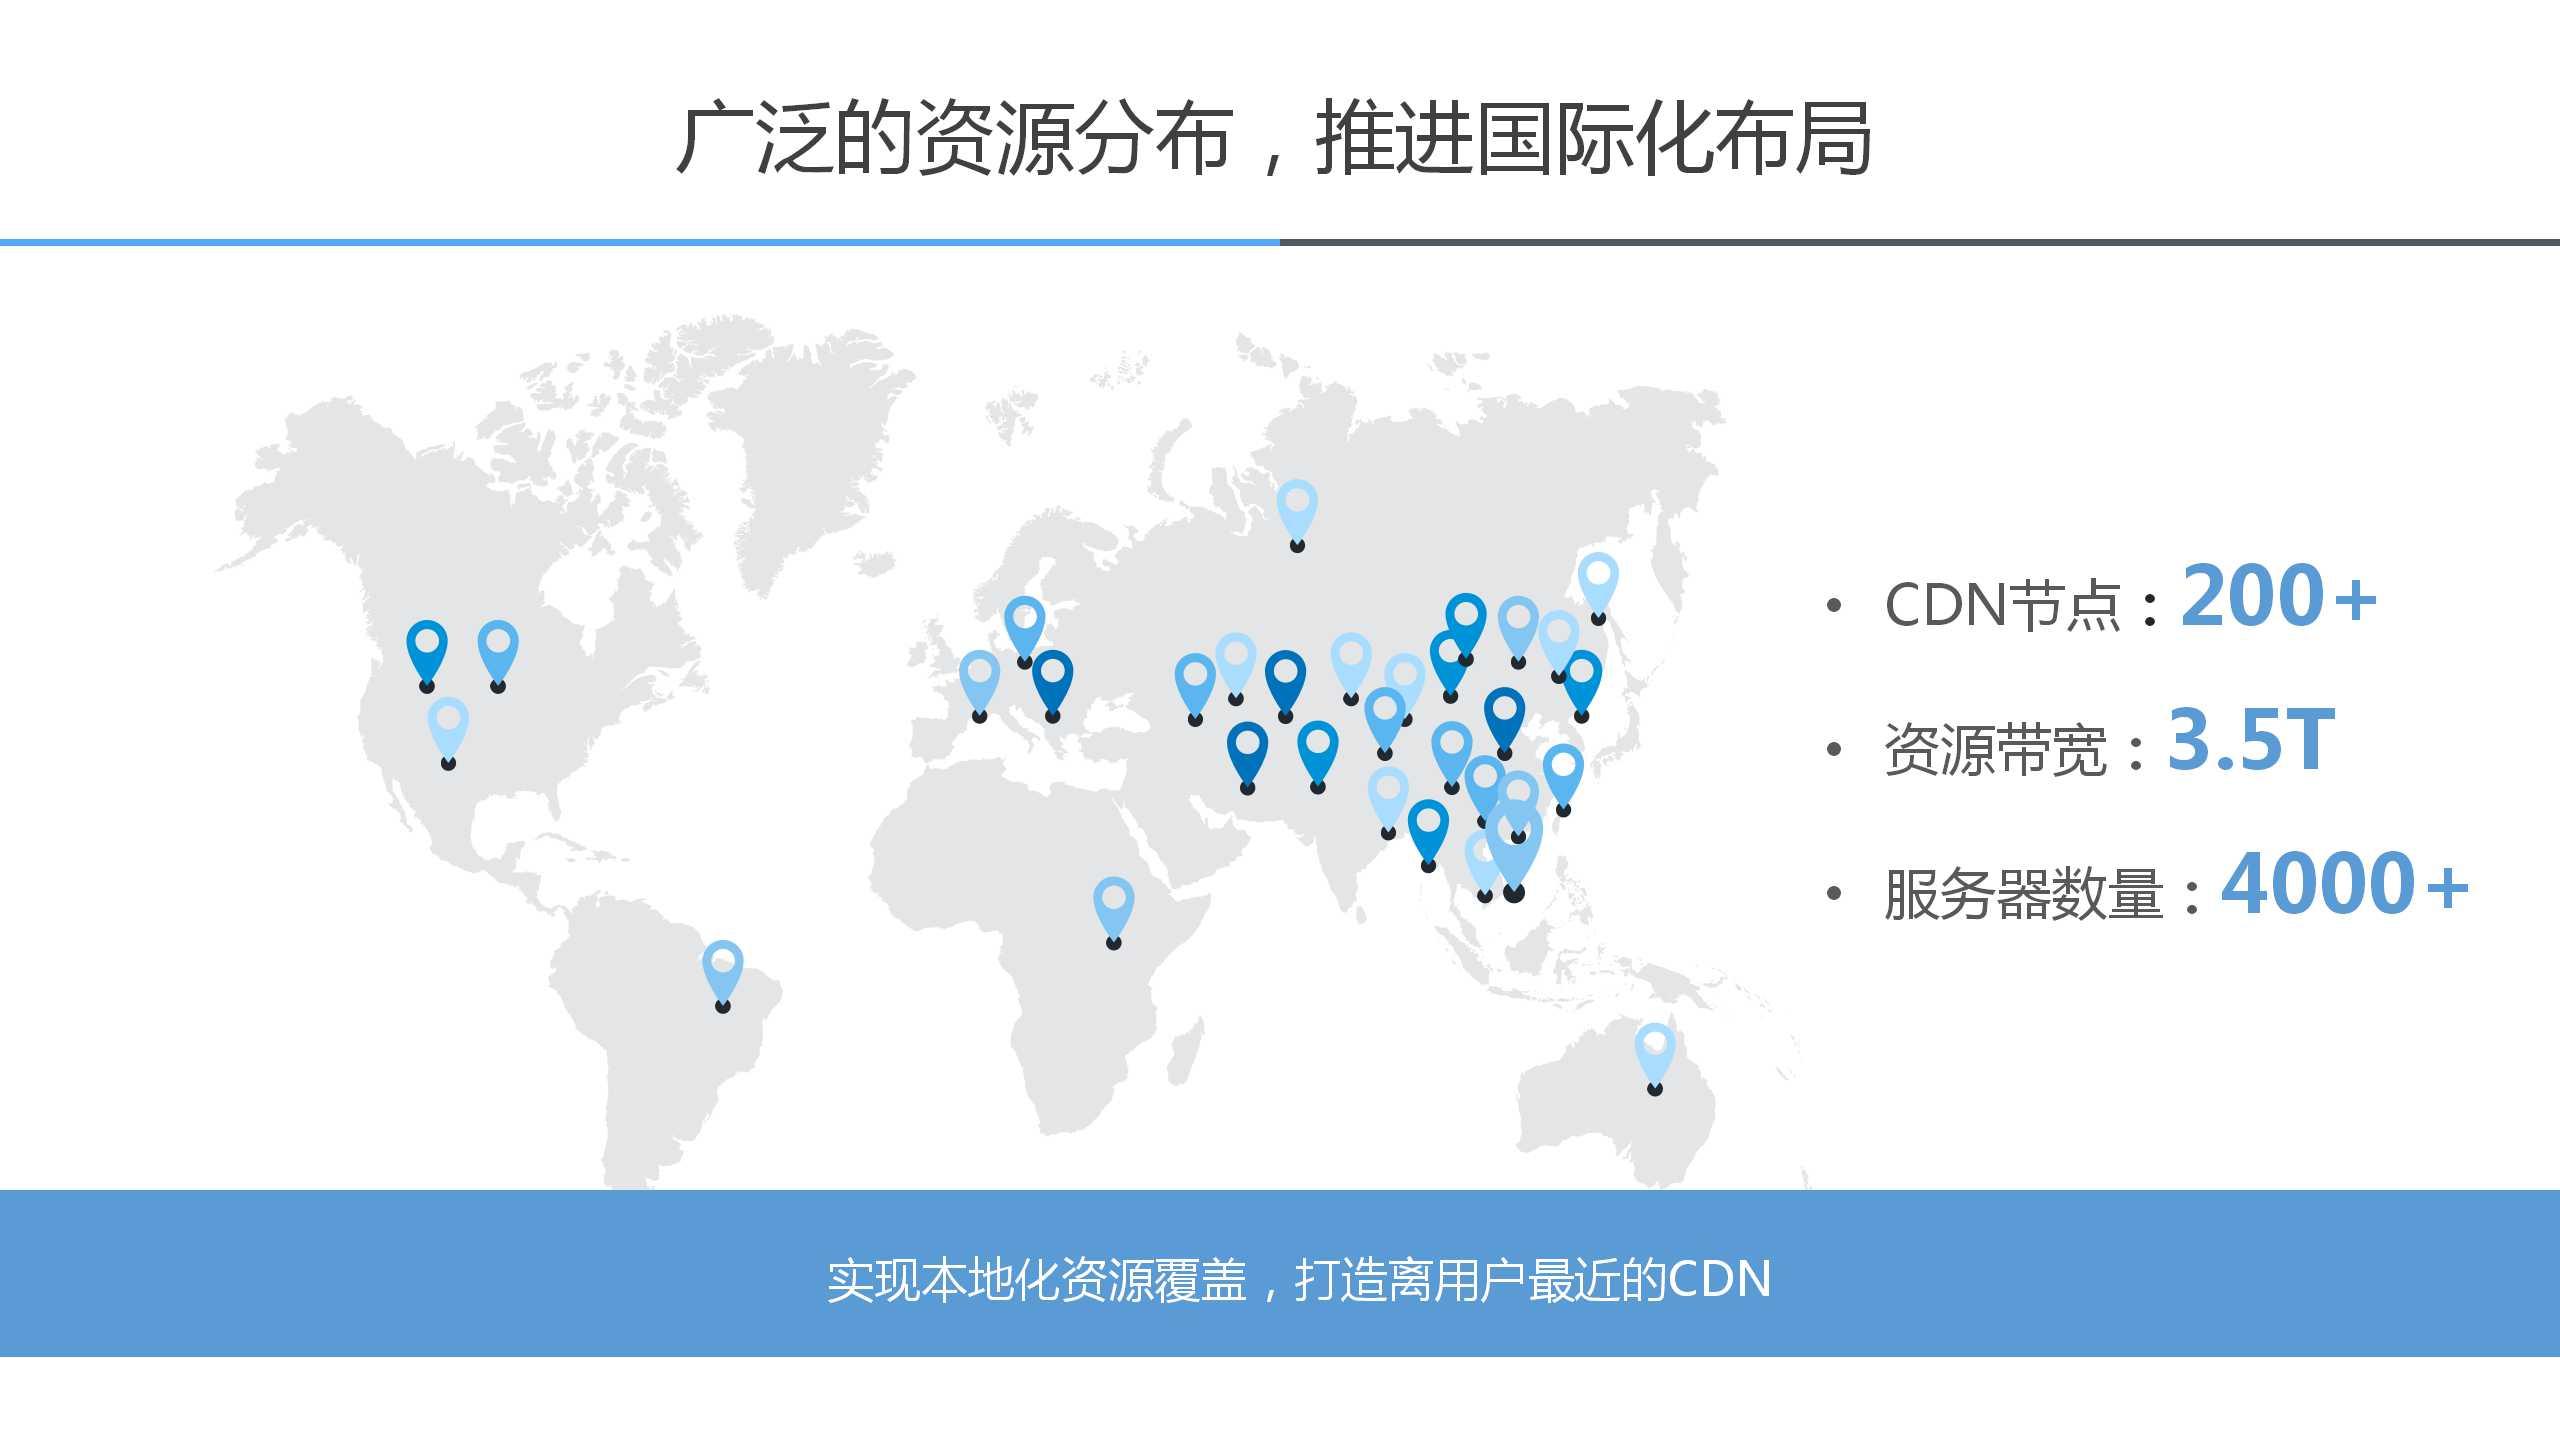 又拍云CDN-产品介绍 (1).jpg